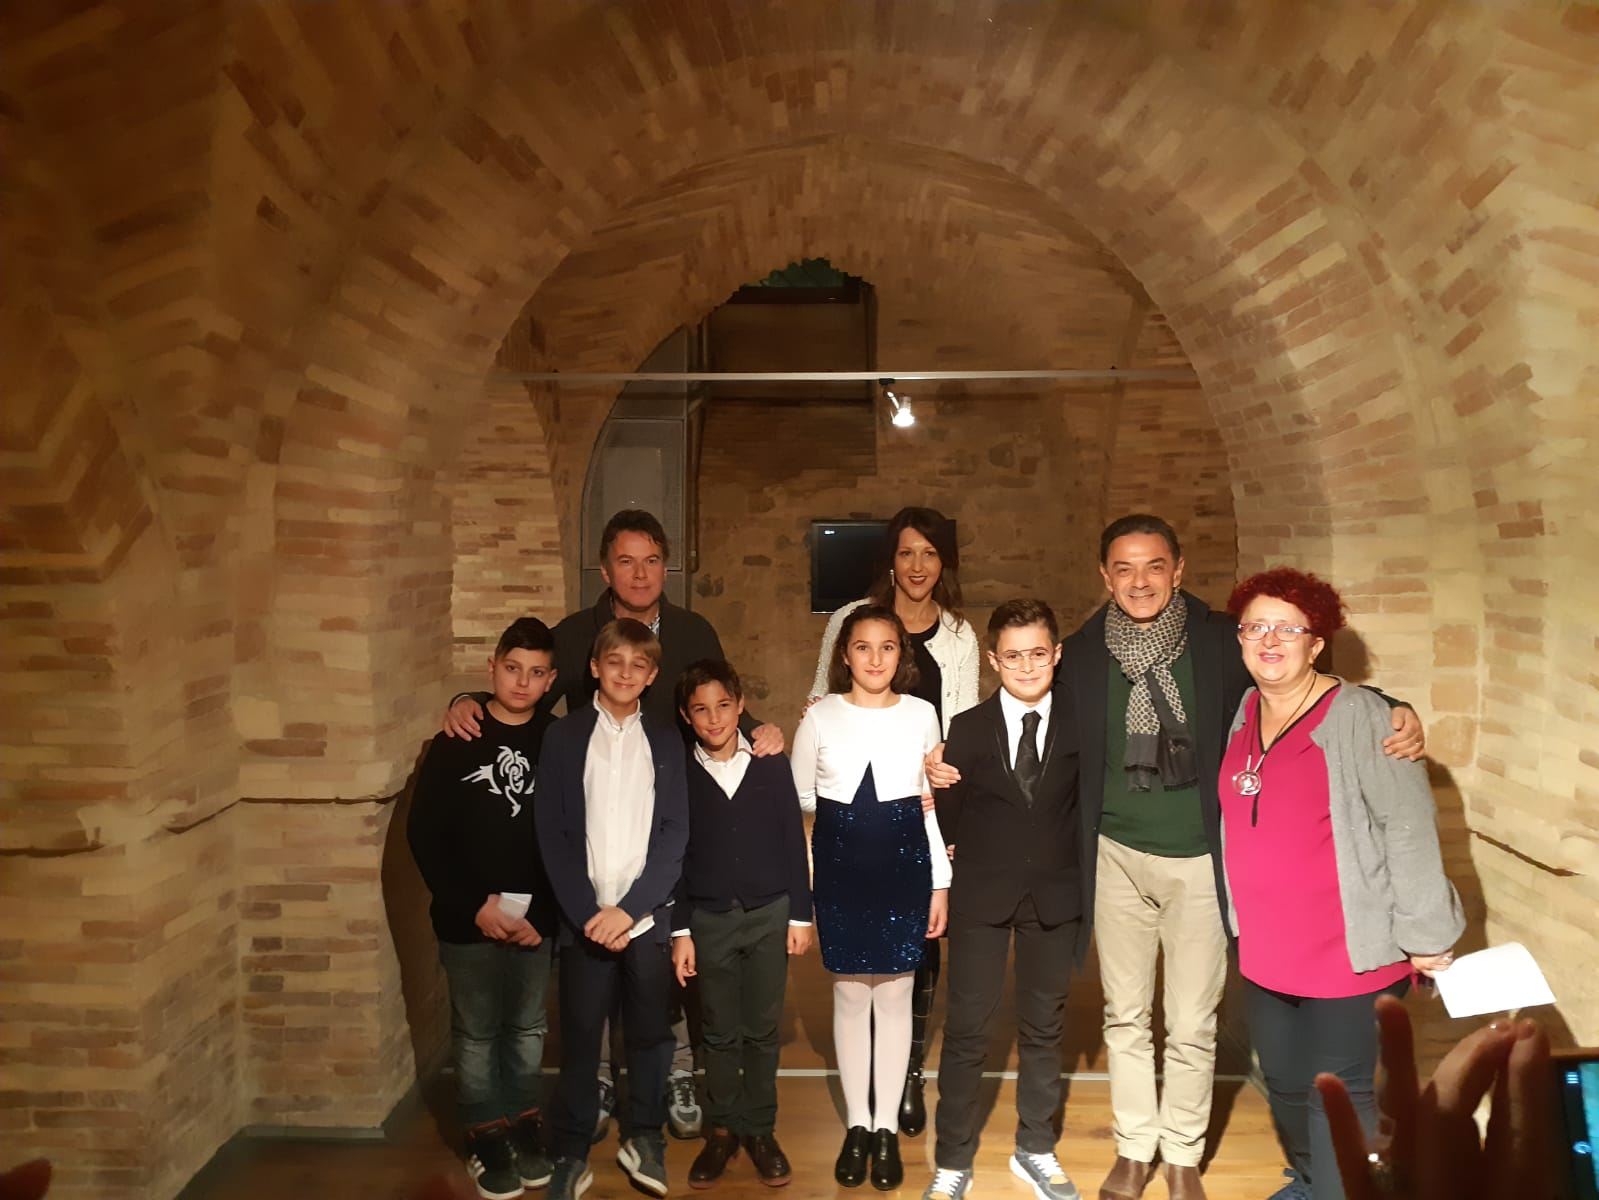 Anche il Comprensivo 1 di Vasto alla riapertura Sala Multimediale Enrico Mattei Con l'intervista a Enrico Mattei i ragazzi hanno voluto esprimere l'impegno e la determinazione di Mattei